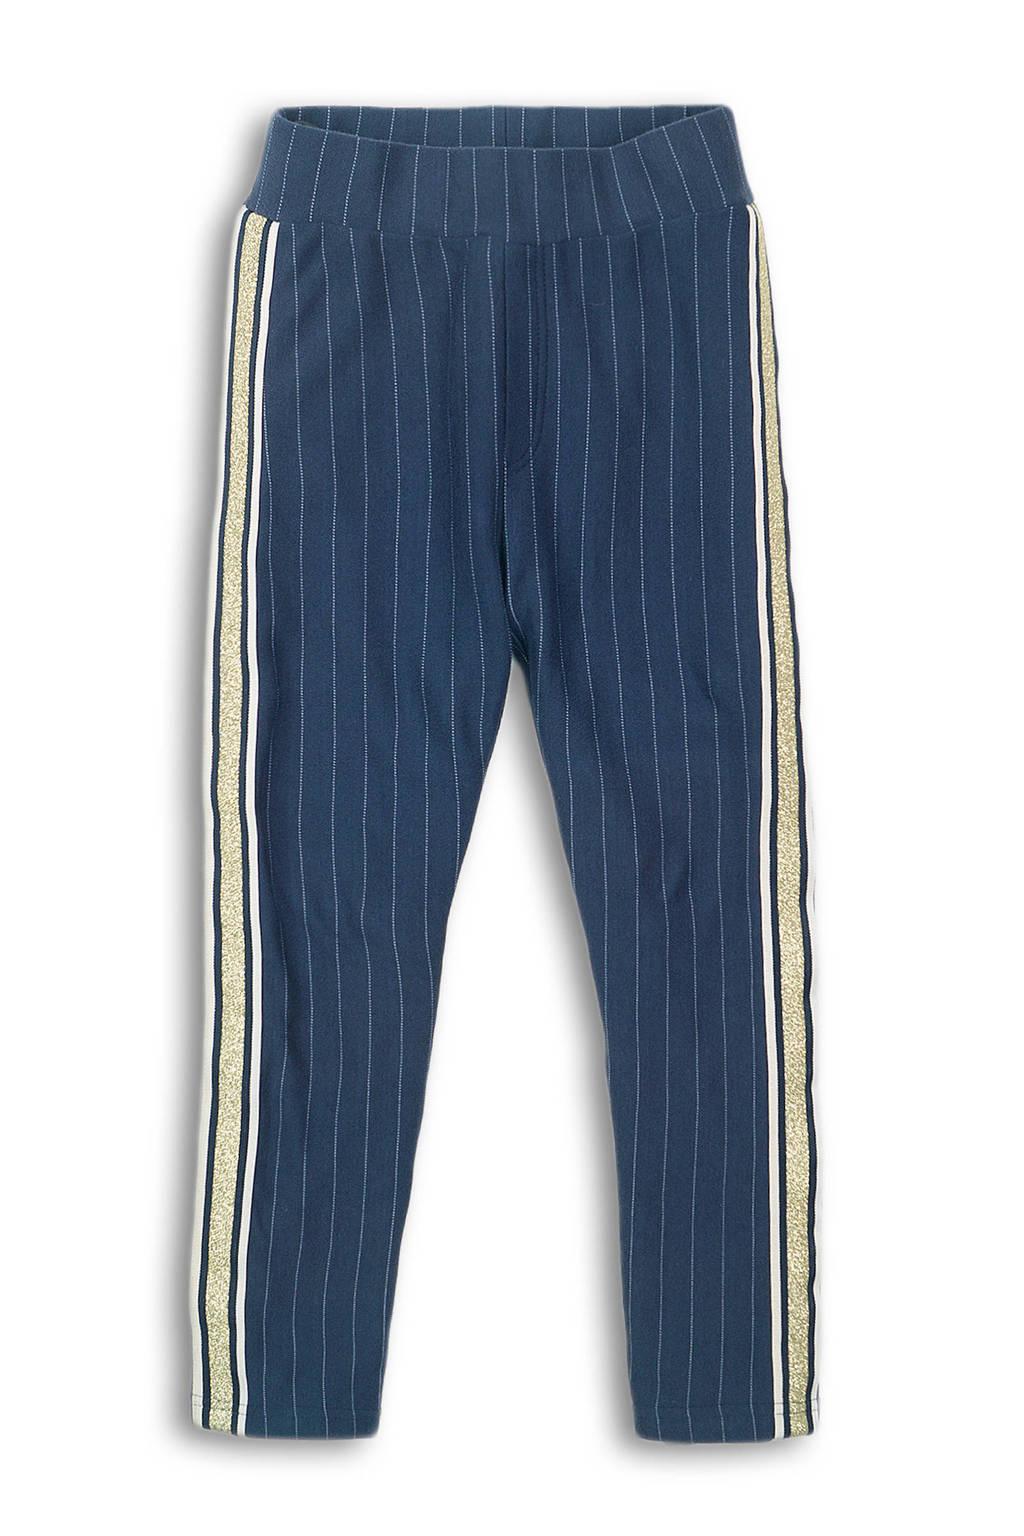 DJ Dutchjeans gestreepte broek met zijstreep donkerblauw/wit/goud